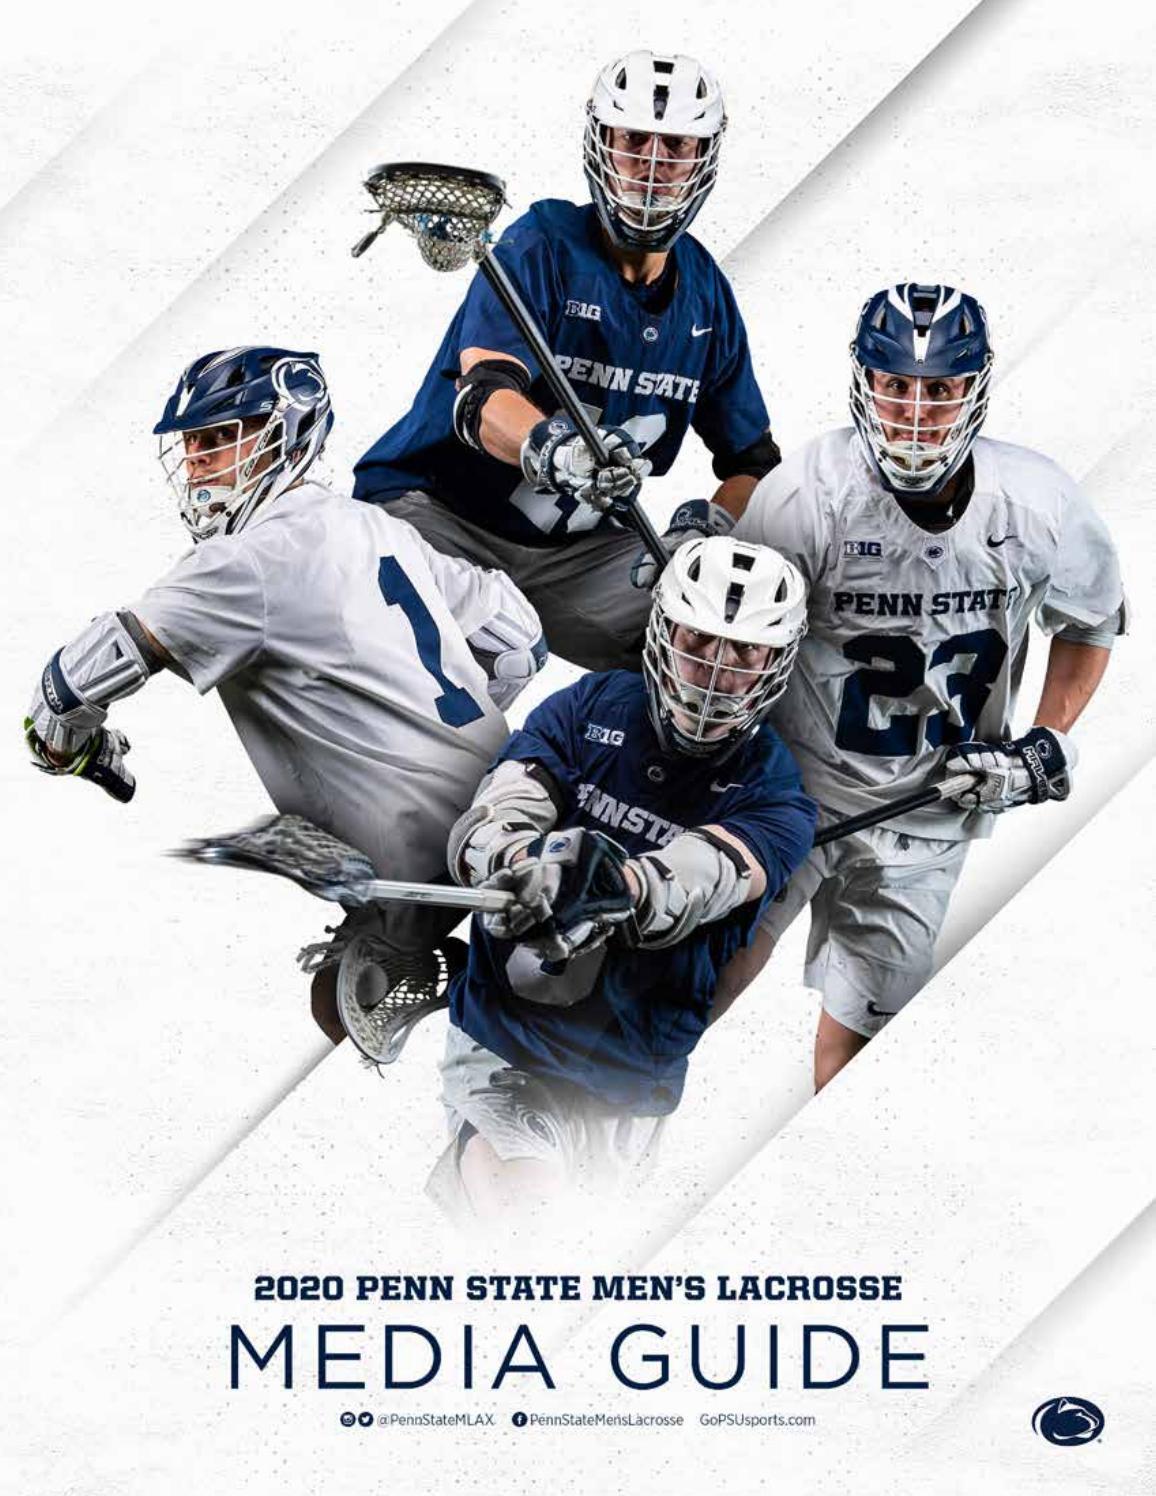 2020 penn state men s lacrosse media guide by penn state athletics issuu 2020 penn state men s lacrosse media